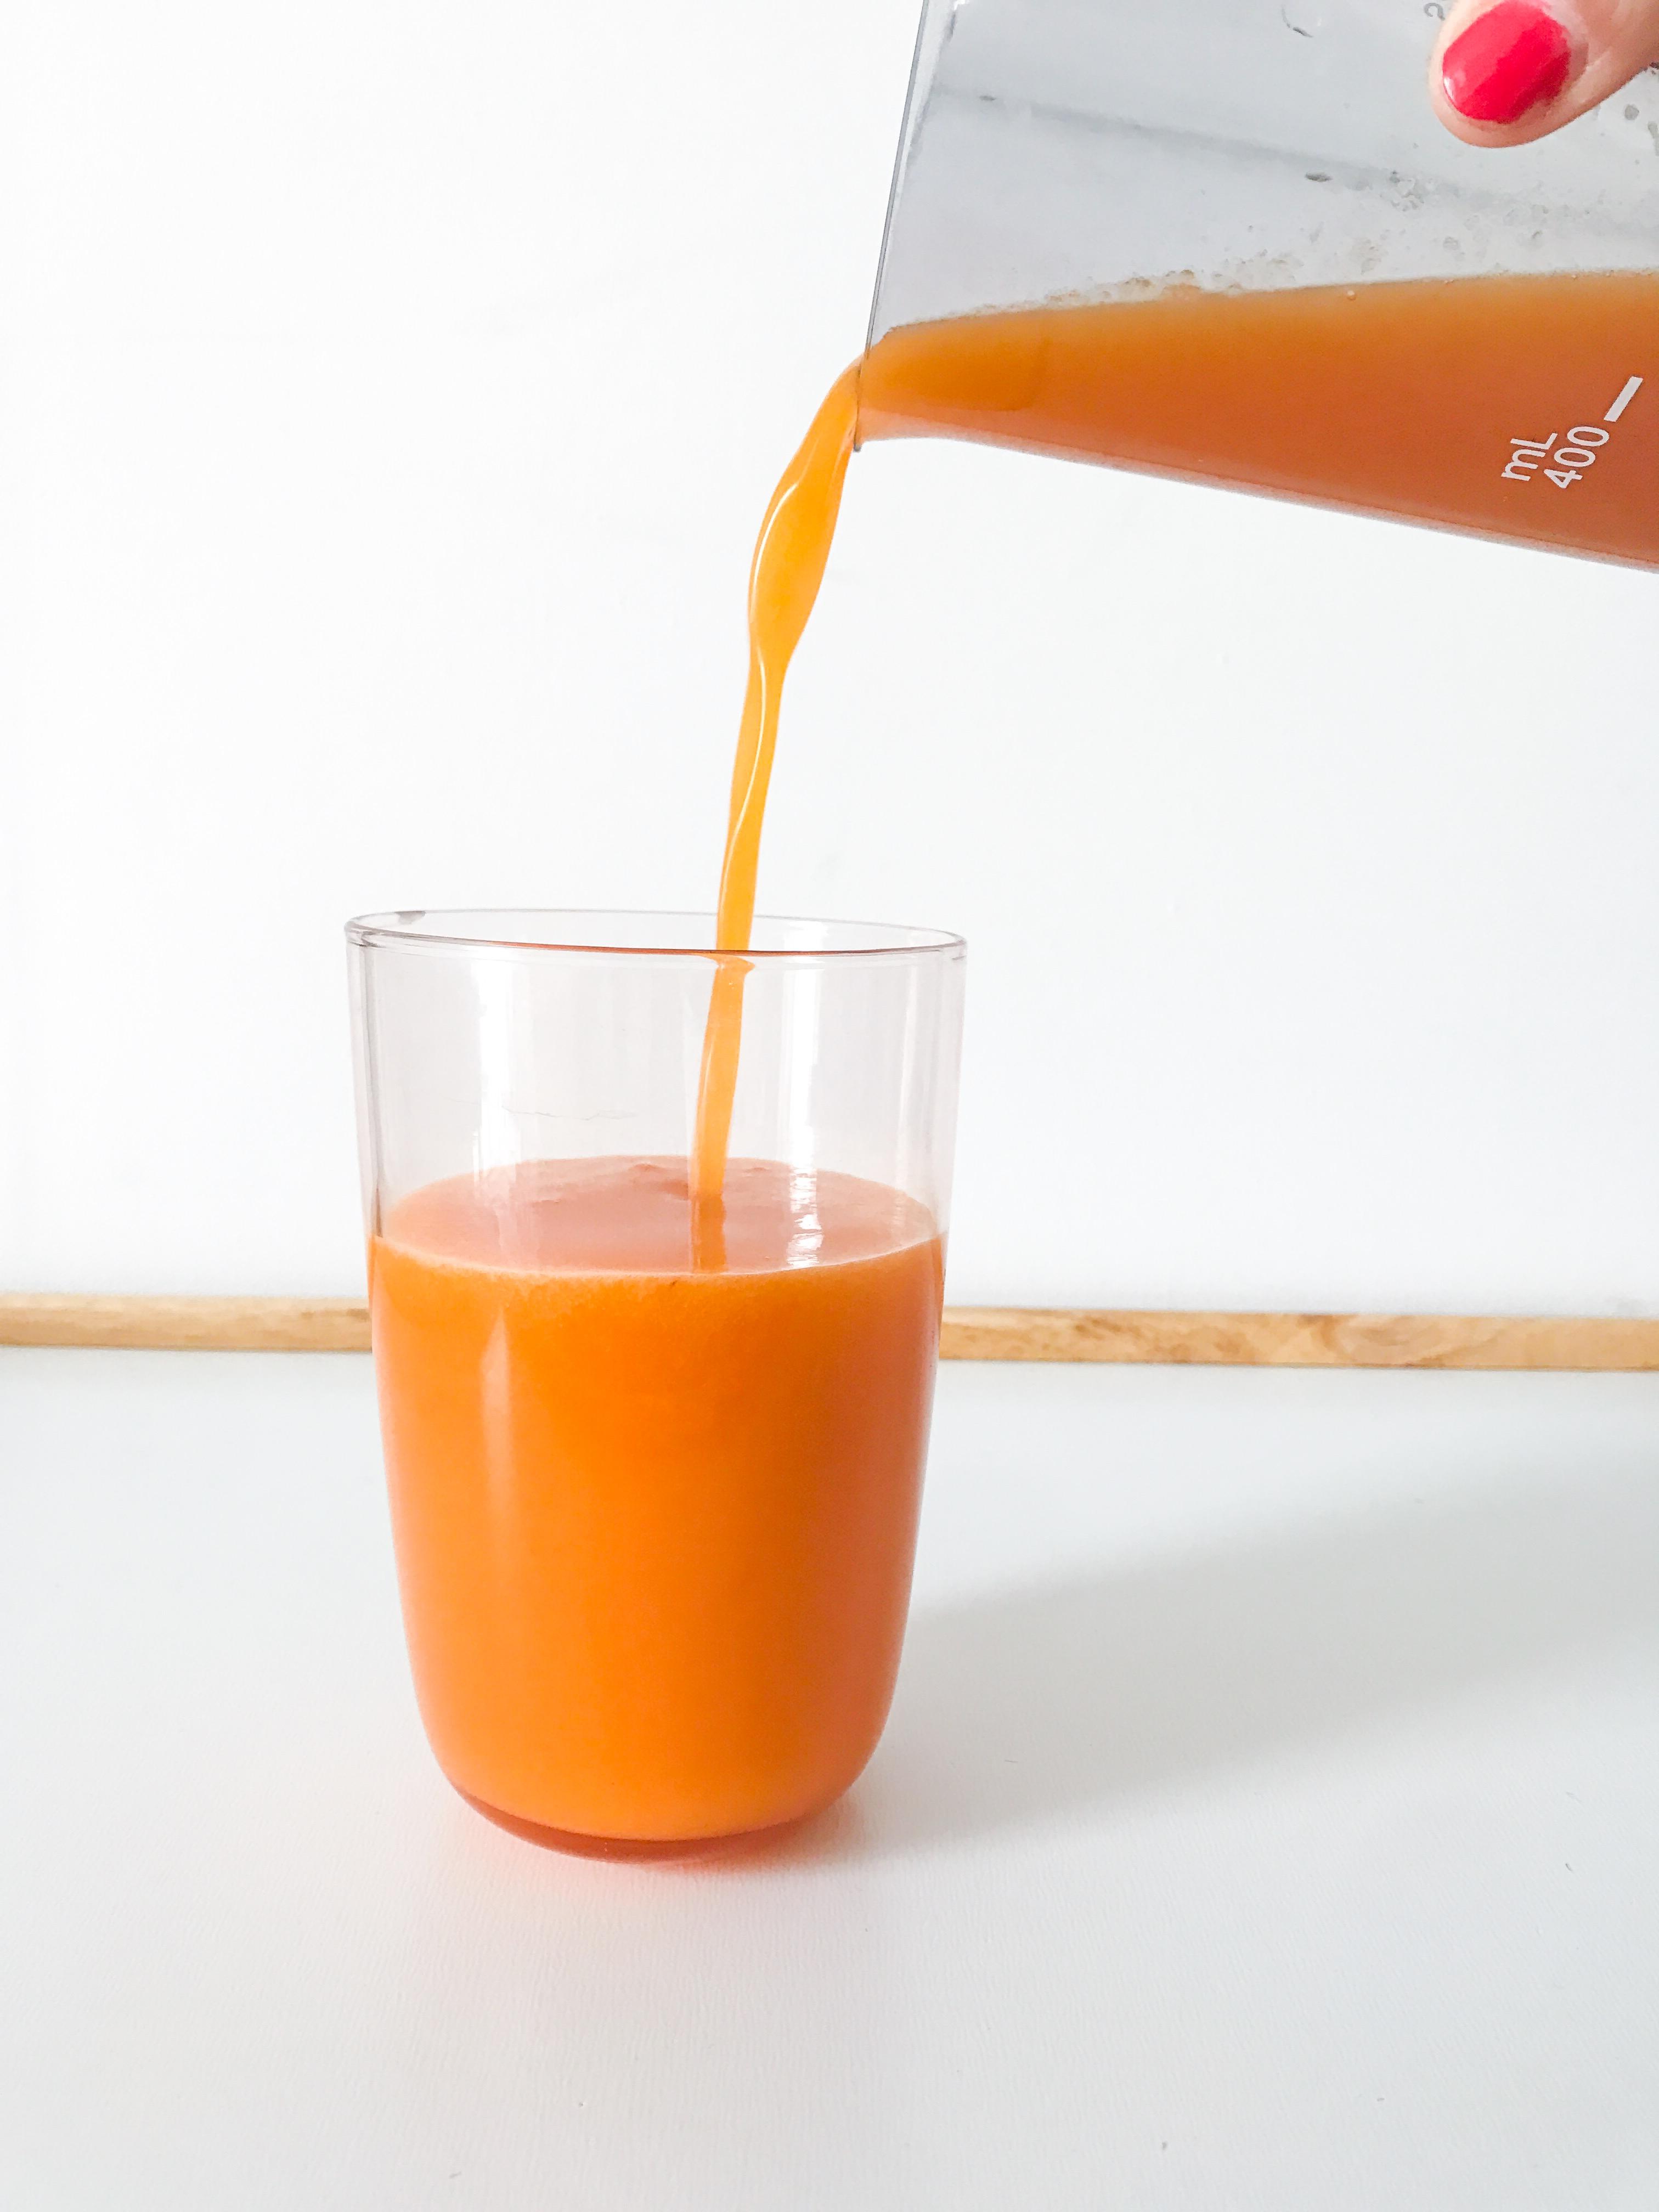 Frisch gepresster Mango-Ananas-Möhren-Nektarinen-Saft aus dem Entsafter